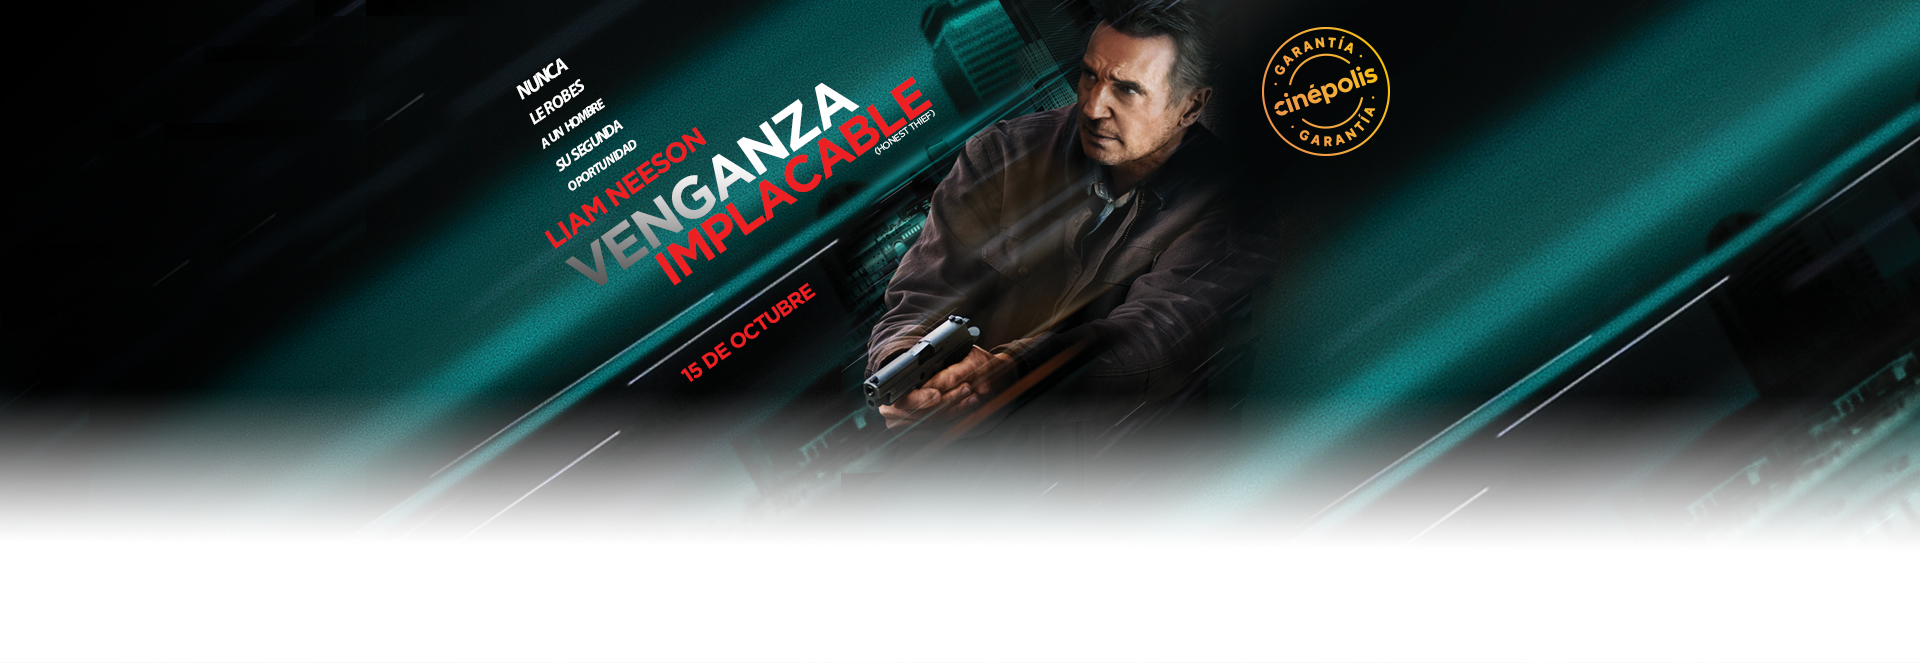 Banner Venganza Implacable | Garantía Cinépolis